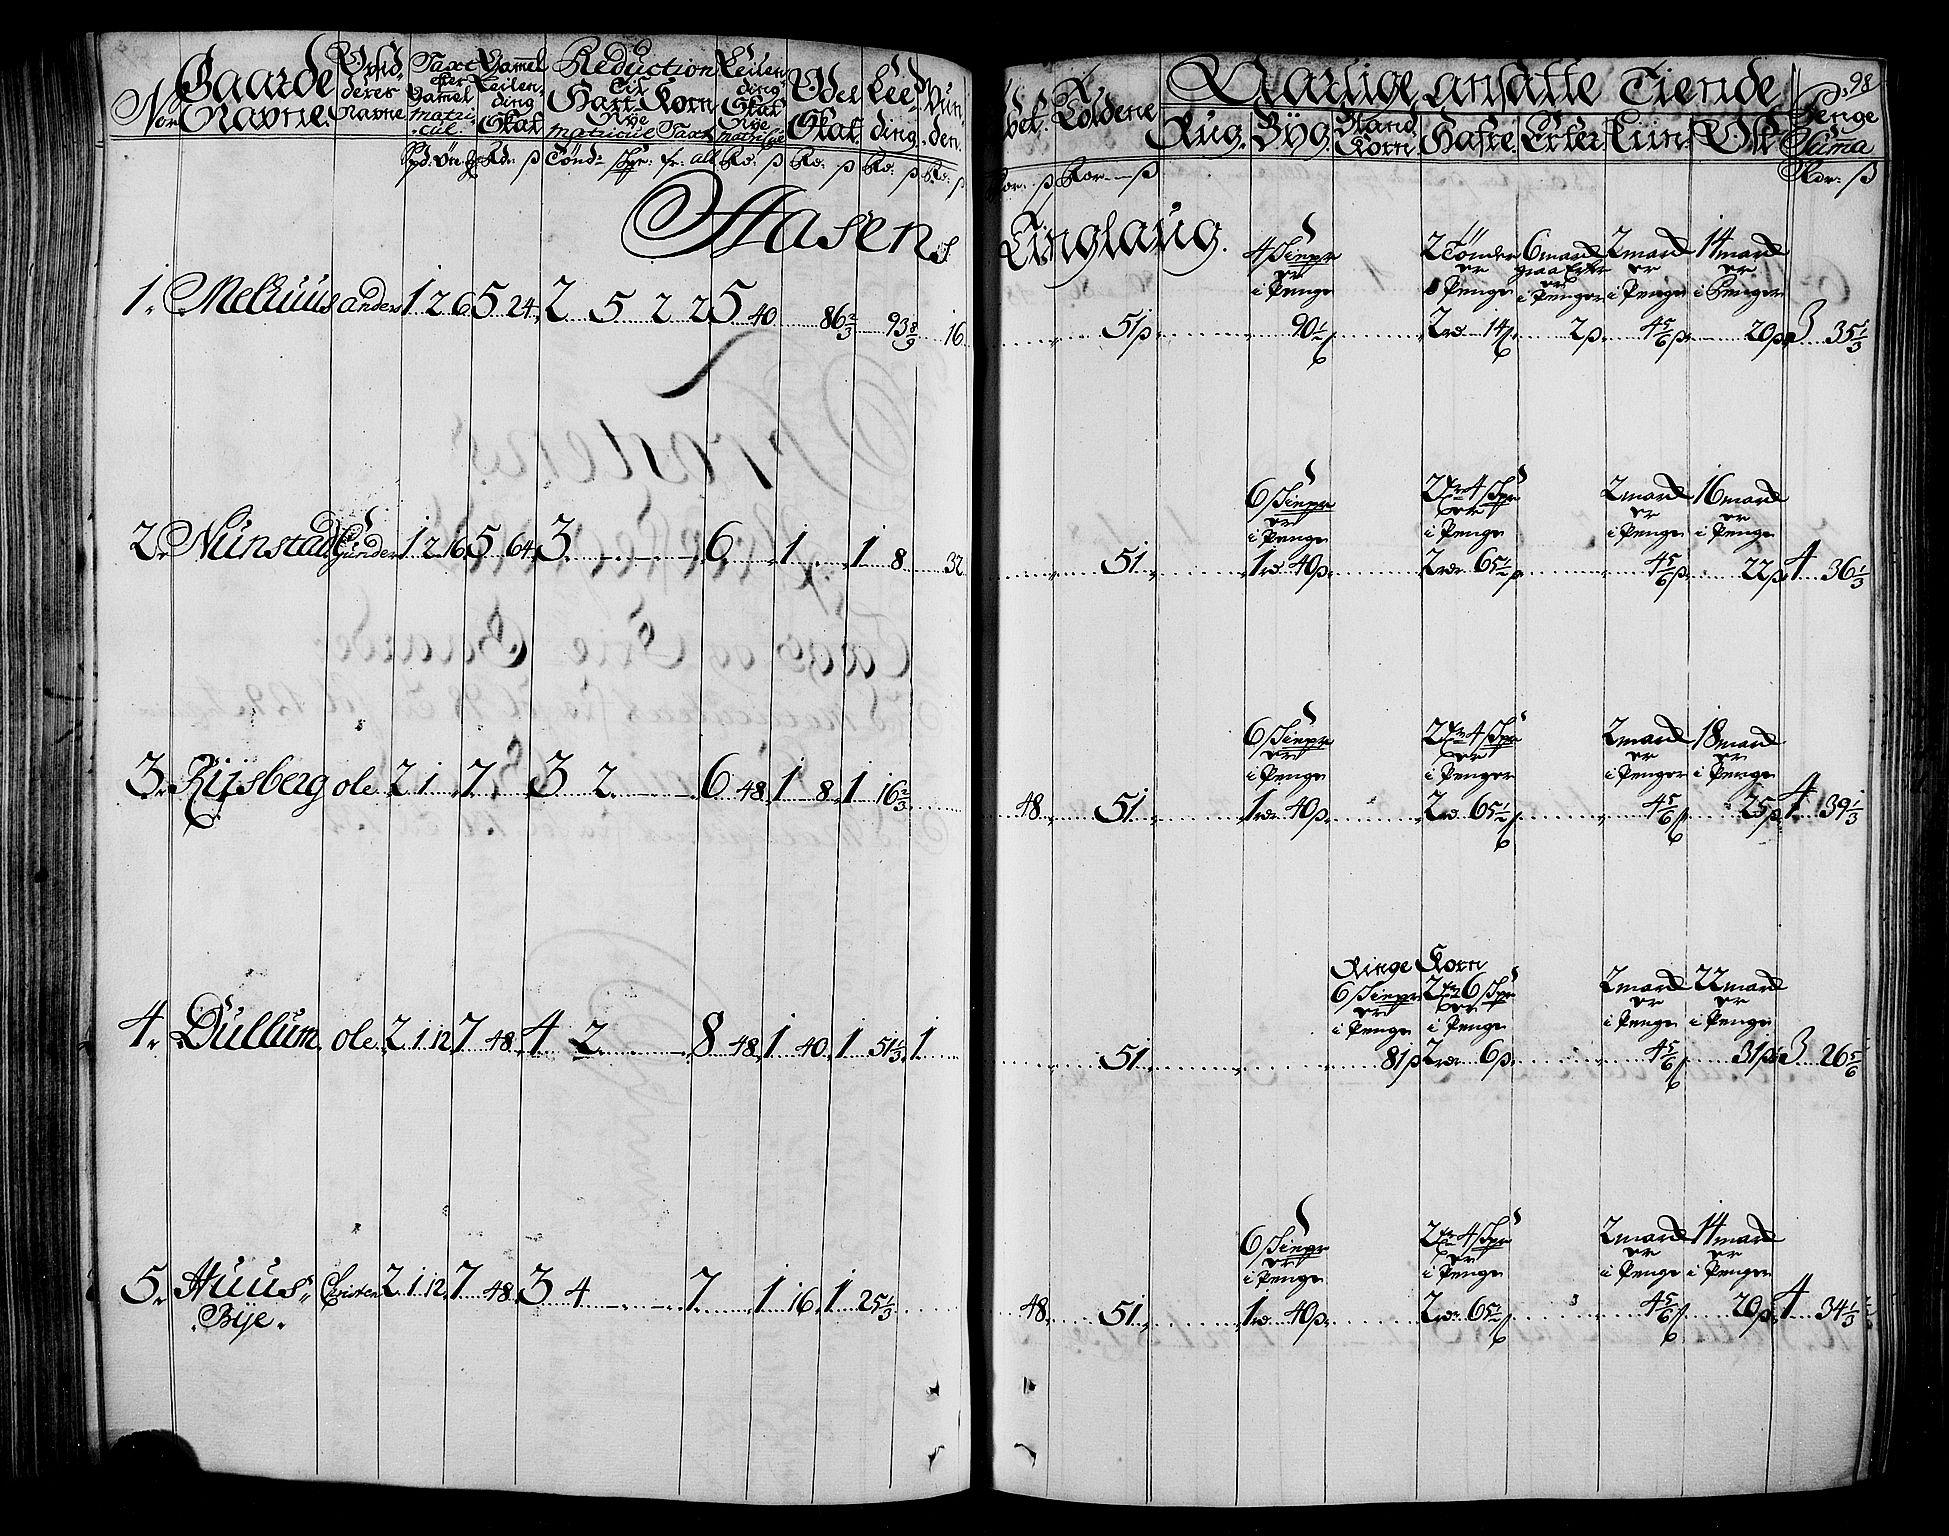 RA, Rentekammeret inntil 1814, Realistisk ordnet avdeling, N/Nb/Nbf/L0165: Stjørdal og Verdal matrikkelprotokoll, 1723, s. 97b-98a